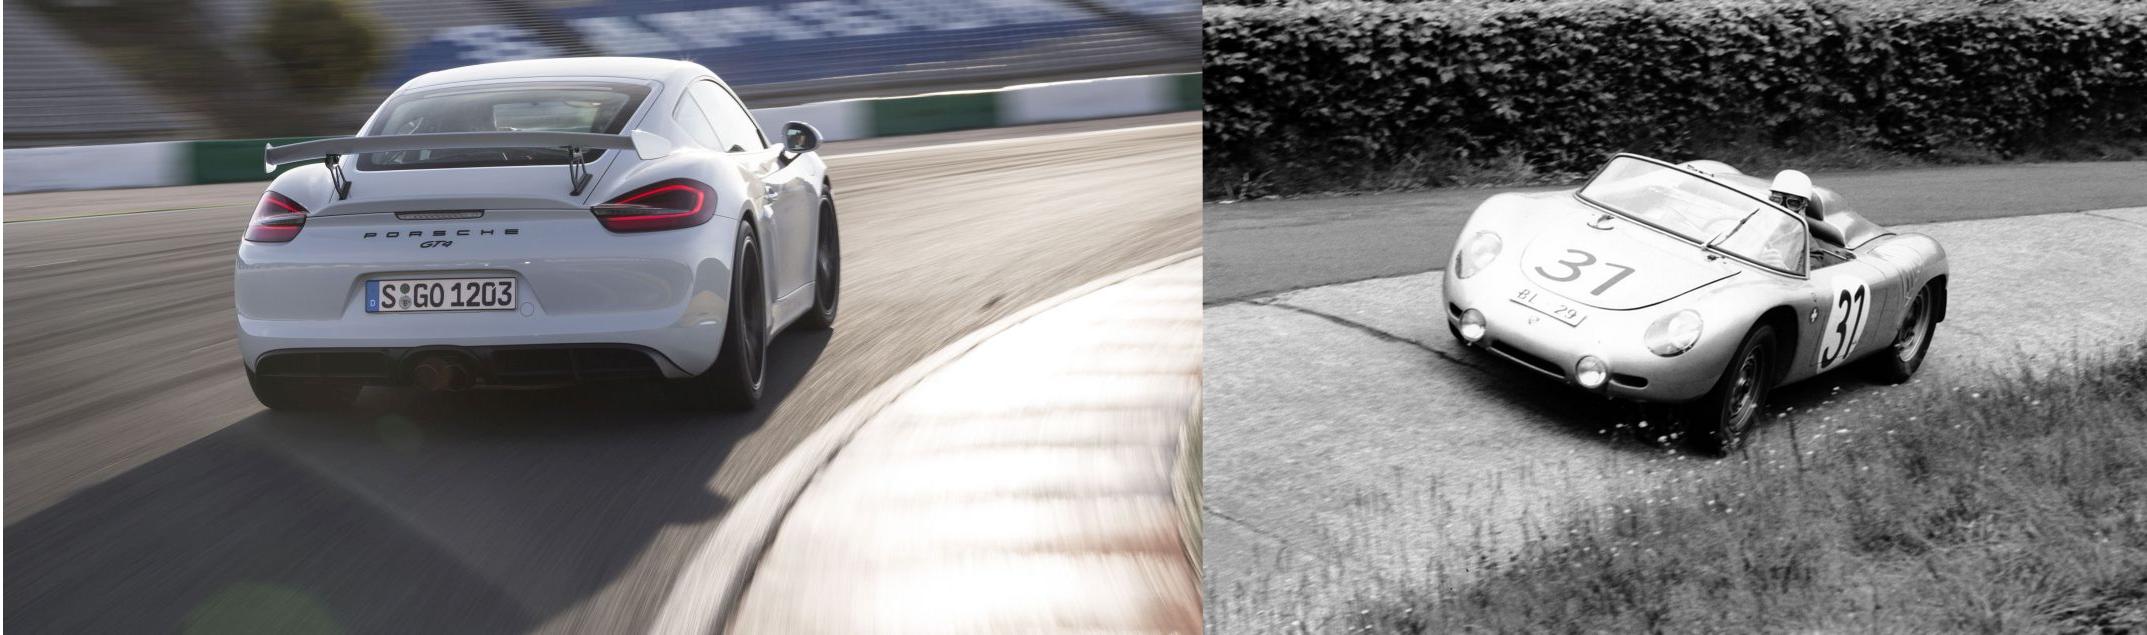 Porsche Titulka